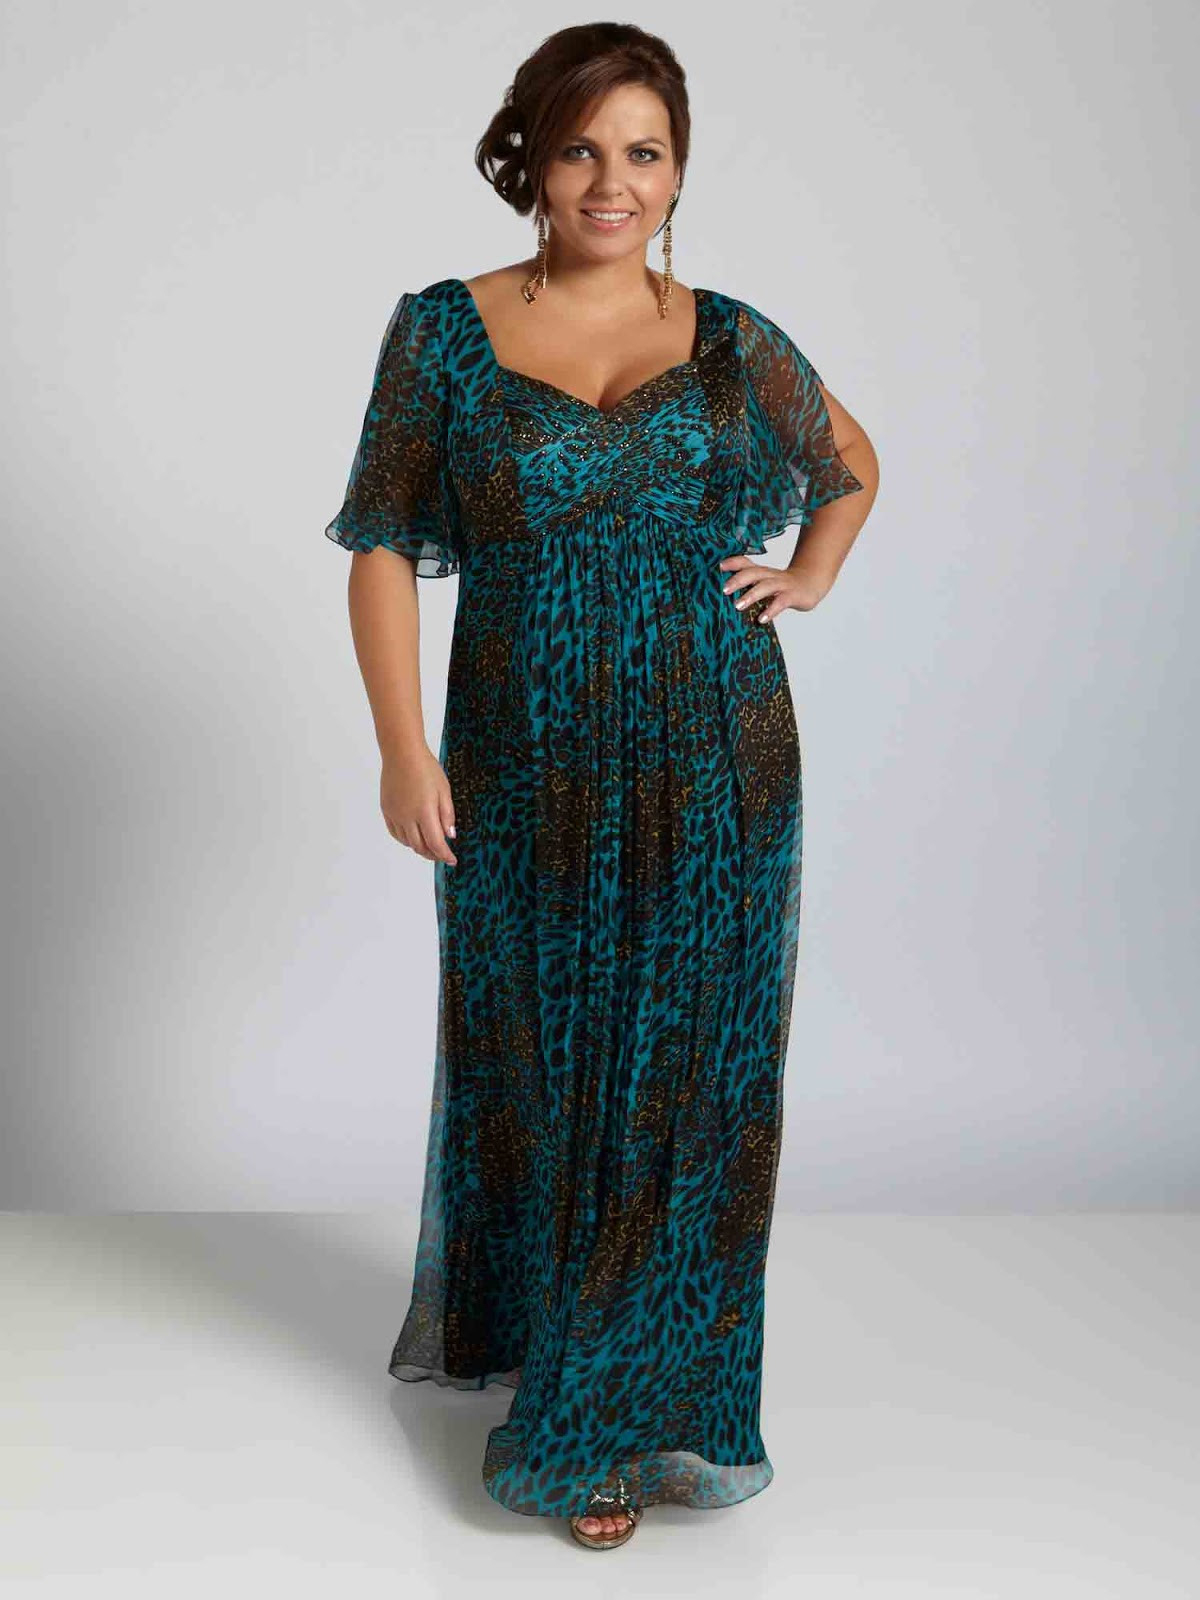 Designer Einzigartig Abendkleider Für Frauen BoutiqueFormal Kreativ Abendkleider Für Frauen Galerie